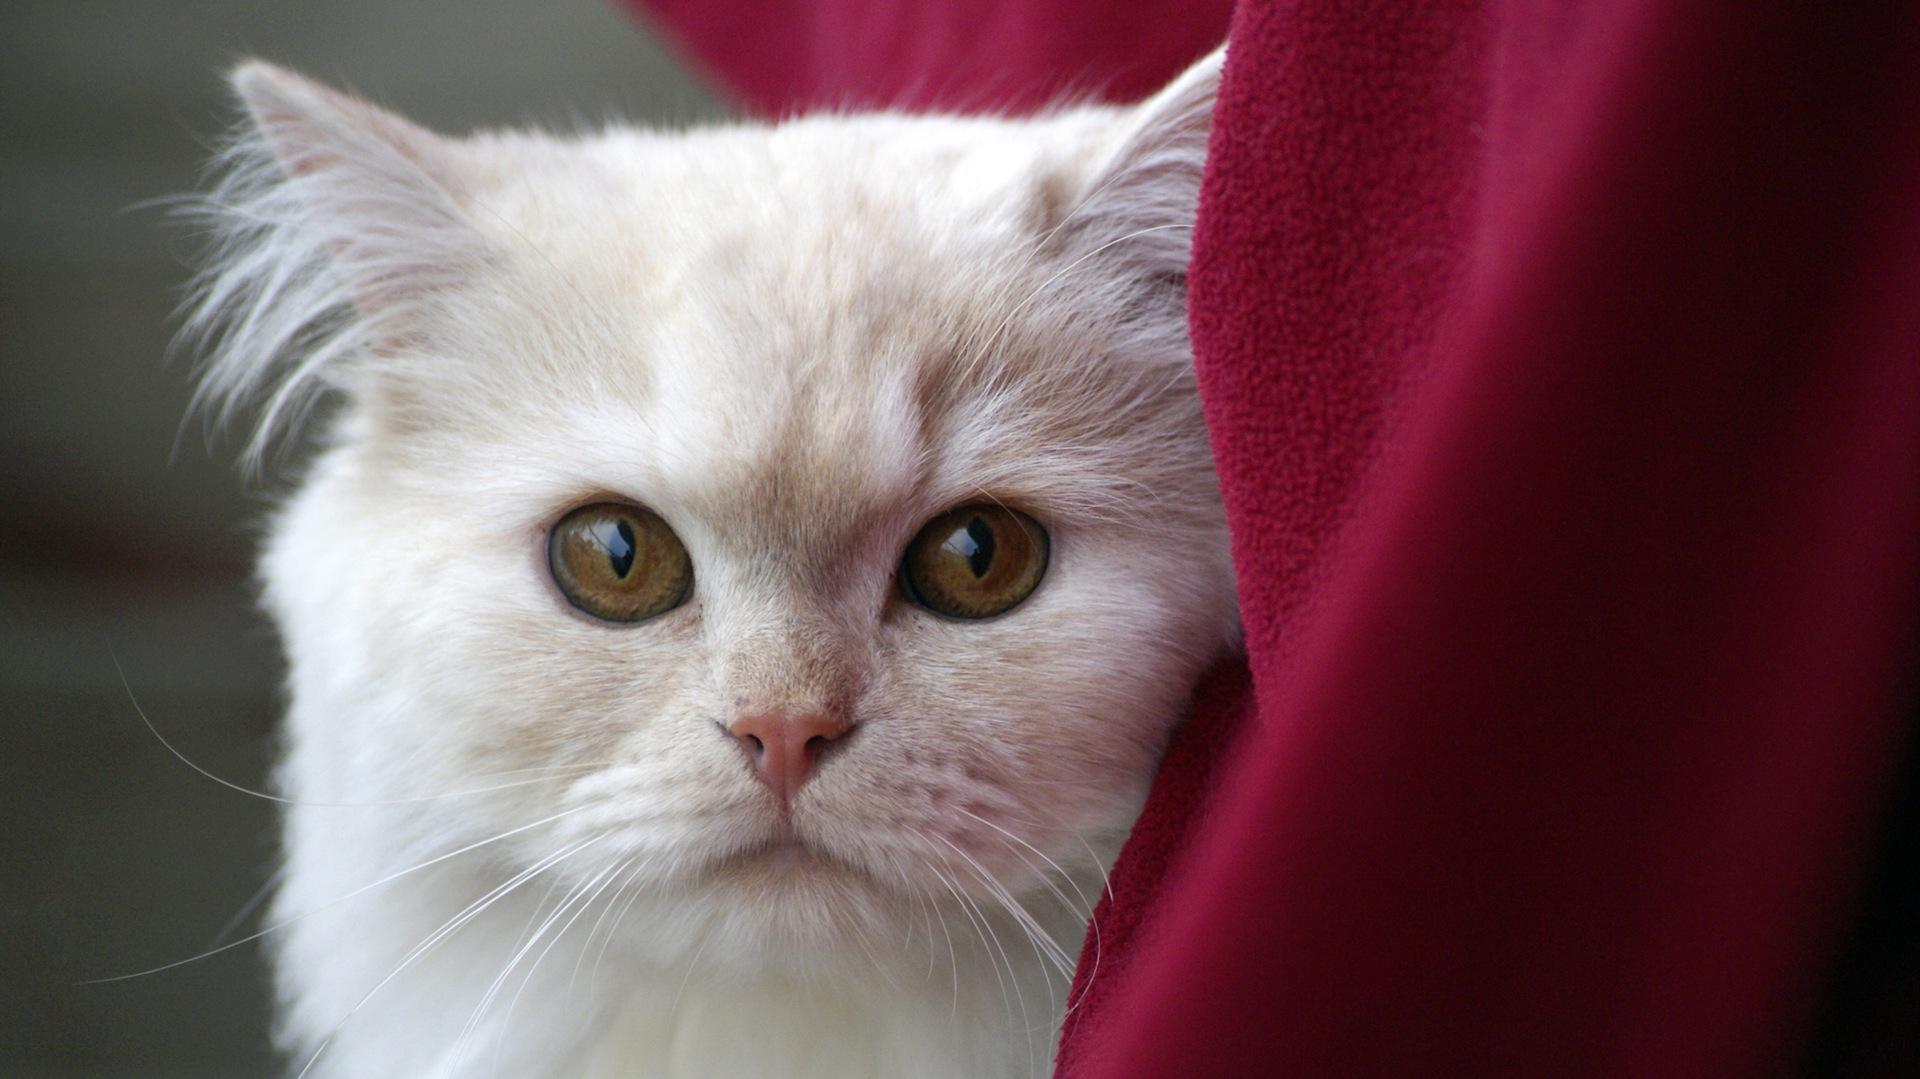 猫, 宠物, 眼睛, 看看, 白色 - 高清壁纸 - 教授-falken.com